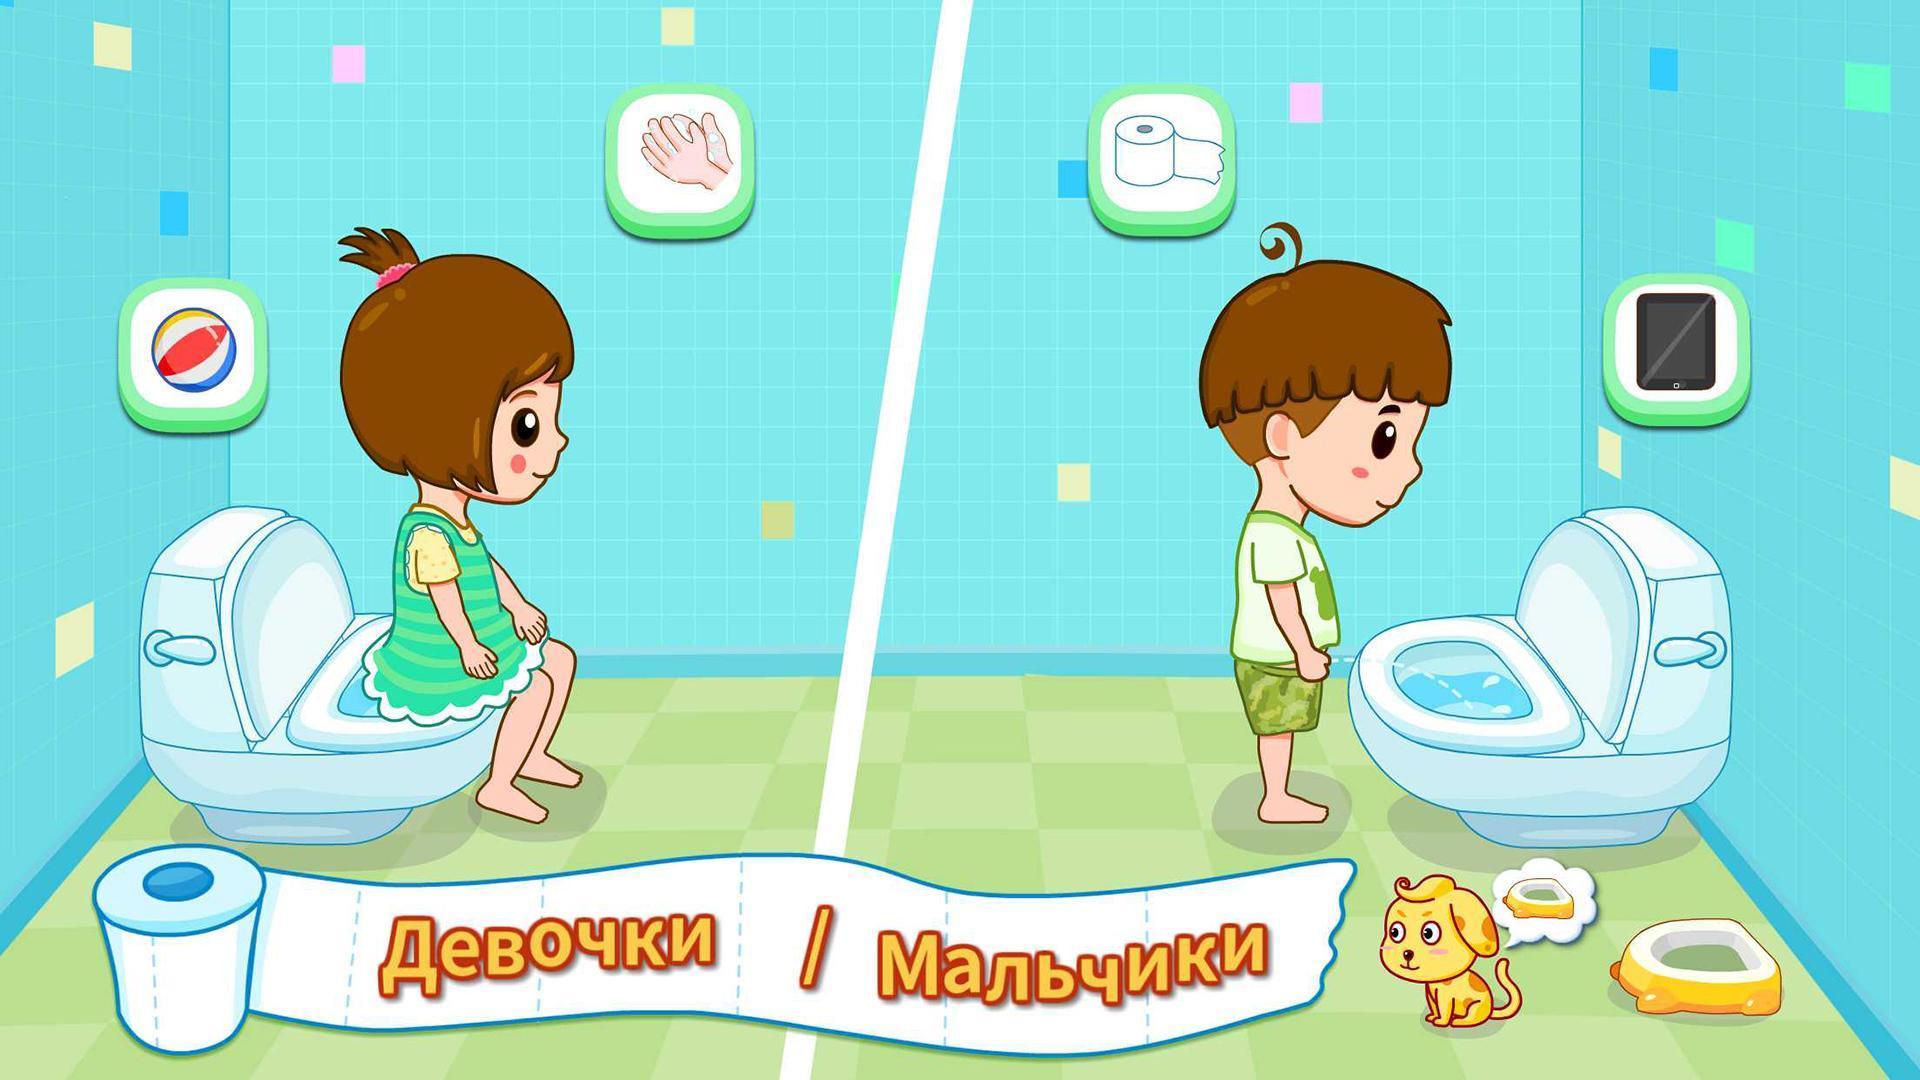 Туалет для мальчиков в детском саду картинки